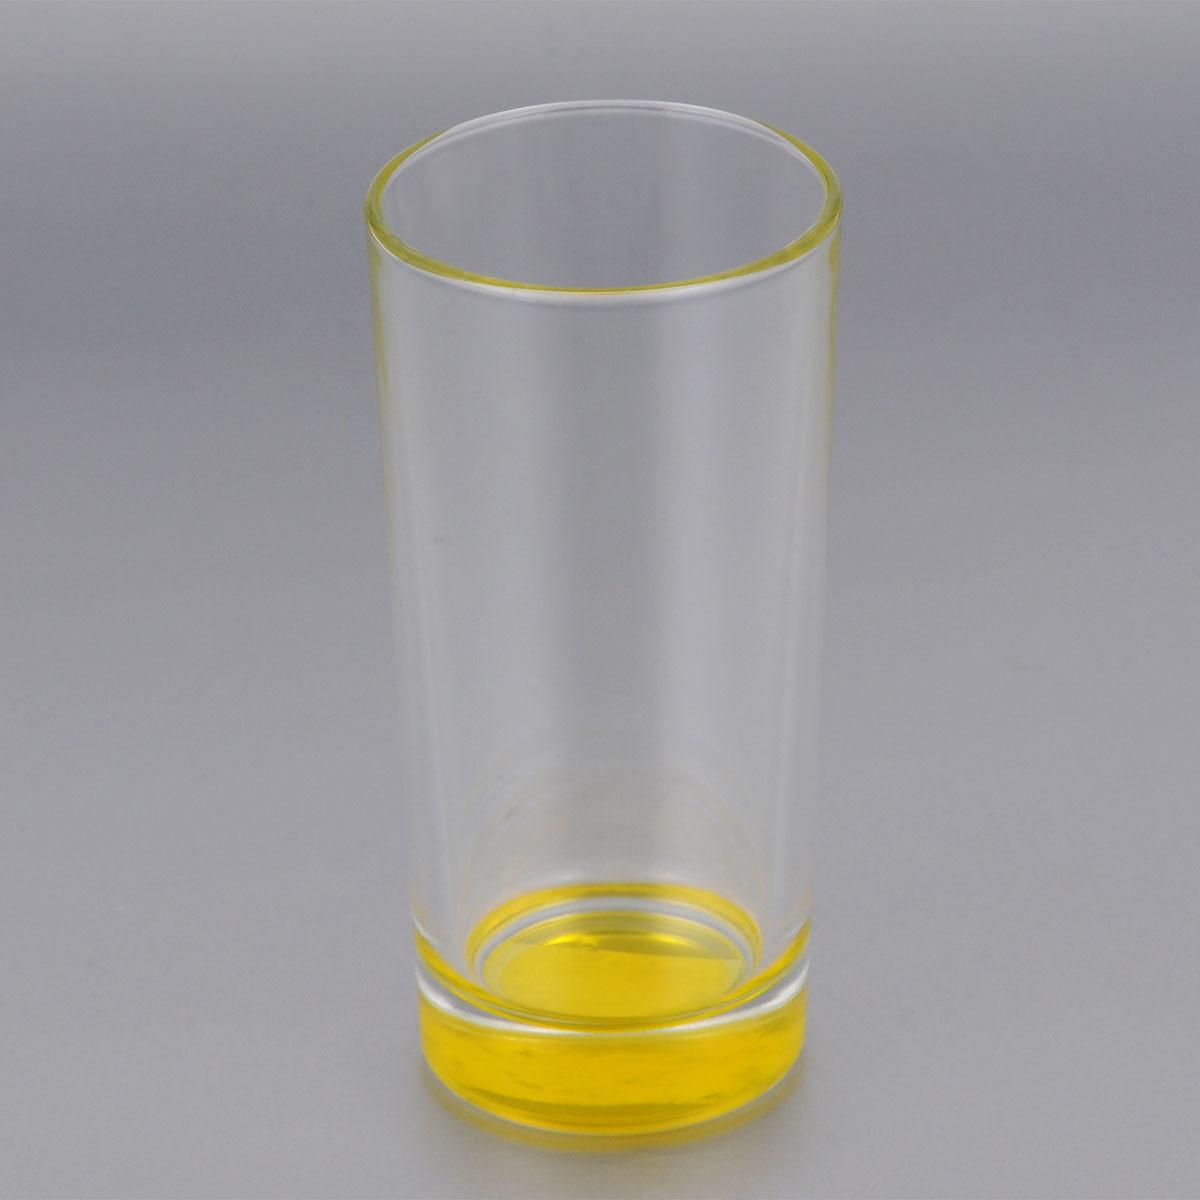 Стакан высокий ОСЗ Лак, цвет: желтый, 280 мл03С1018 ЛМВысокий стакан ОСЗ Лак изготовлен из высококачественного стекла, которое изысканно блестит и переливается на свету. Дно стакана желтого цвета. Стакан прозрачный, но при его наклоне создается оптическая иллюзия того, что стакан желтый. Такой стакан отлично дополнит вашу коллекцию кухонной утвари и порадует вас ярким необычным дизайном и практичностью. Диаметр стакана: 7 см. Высота стакана: 14 см.